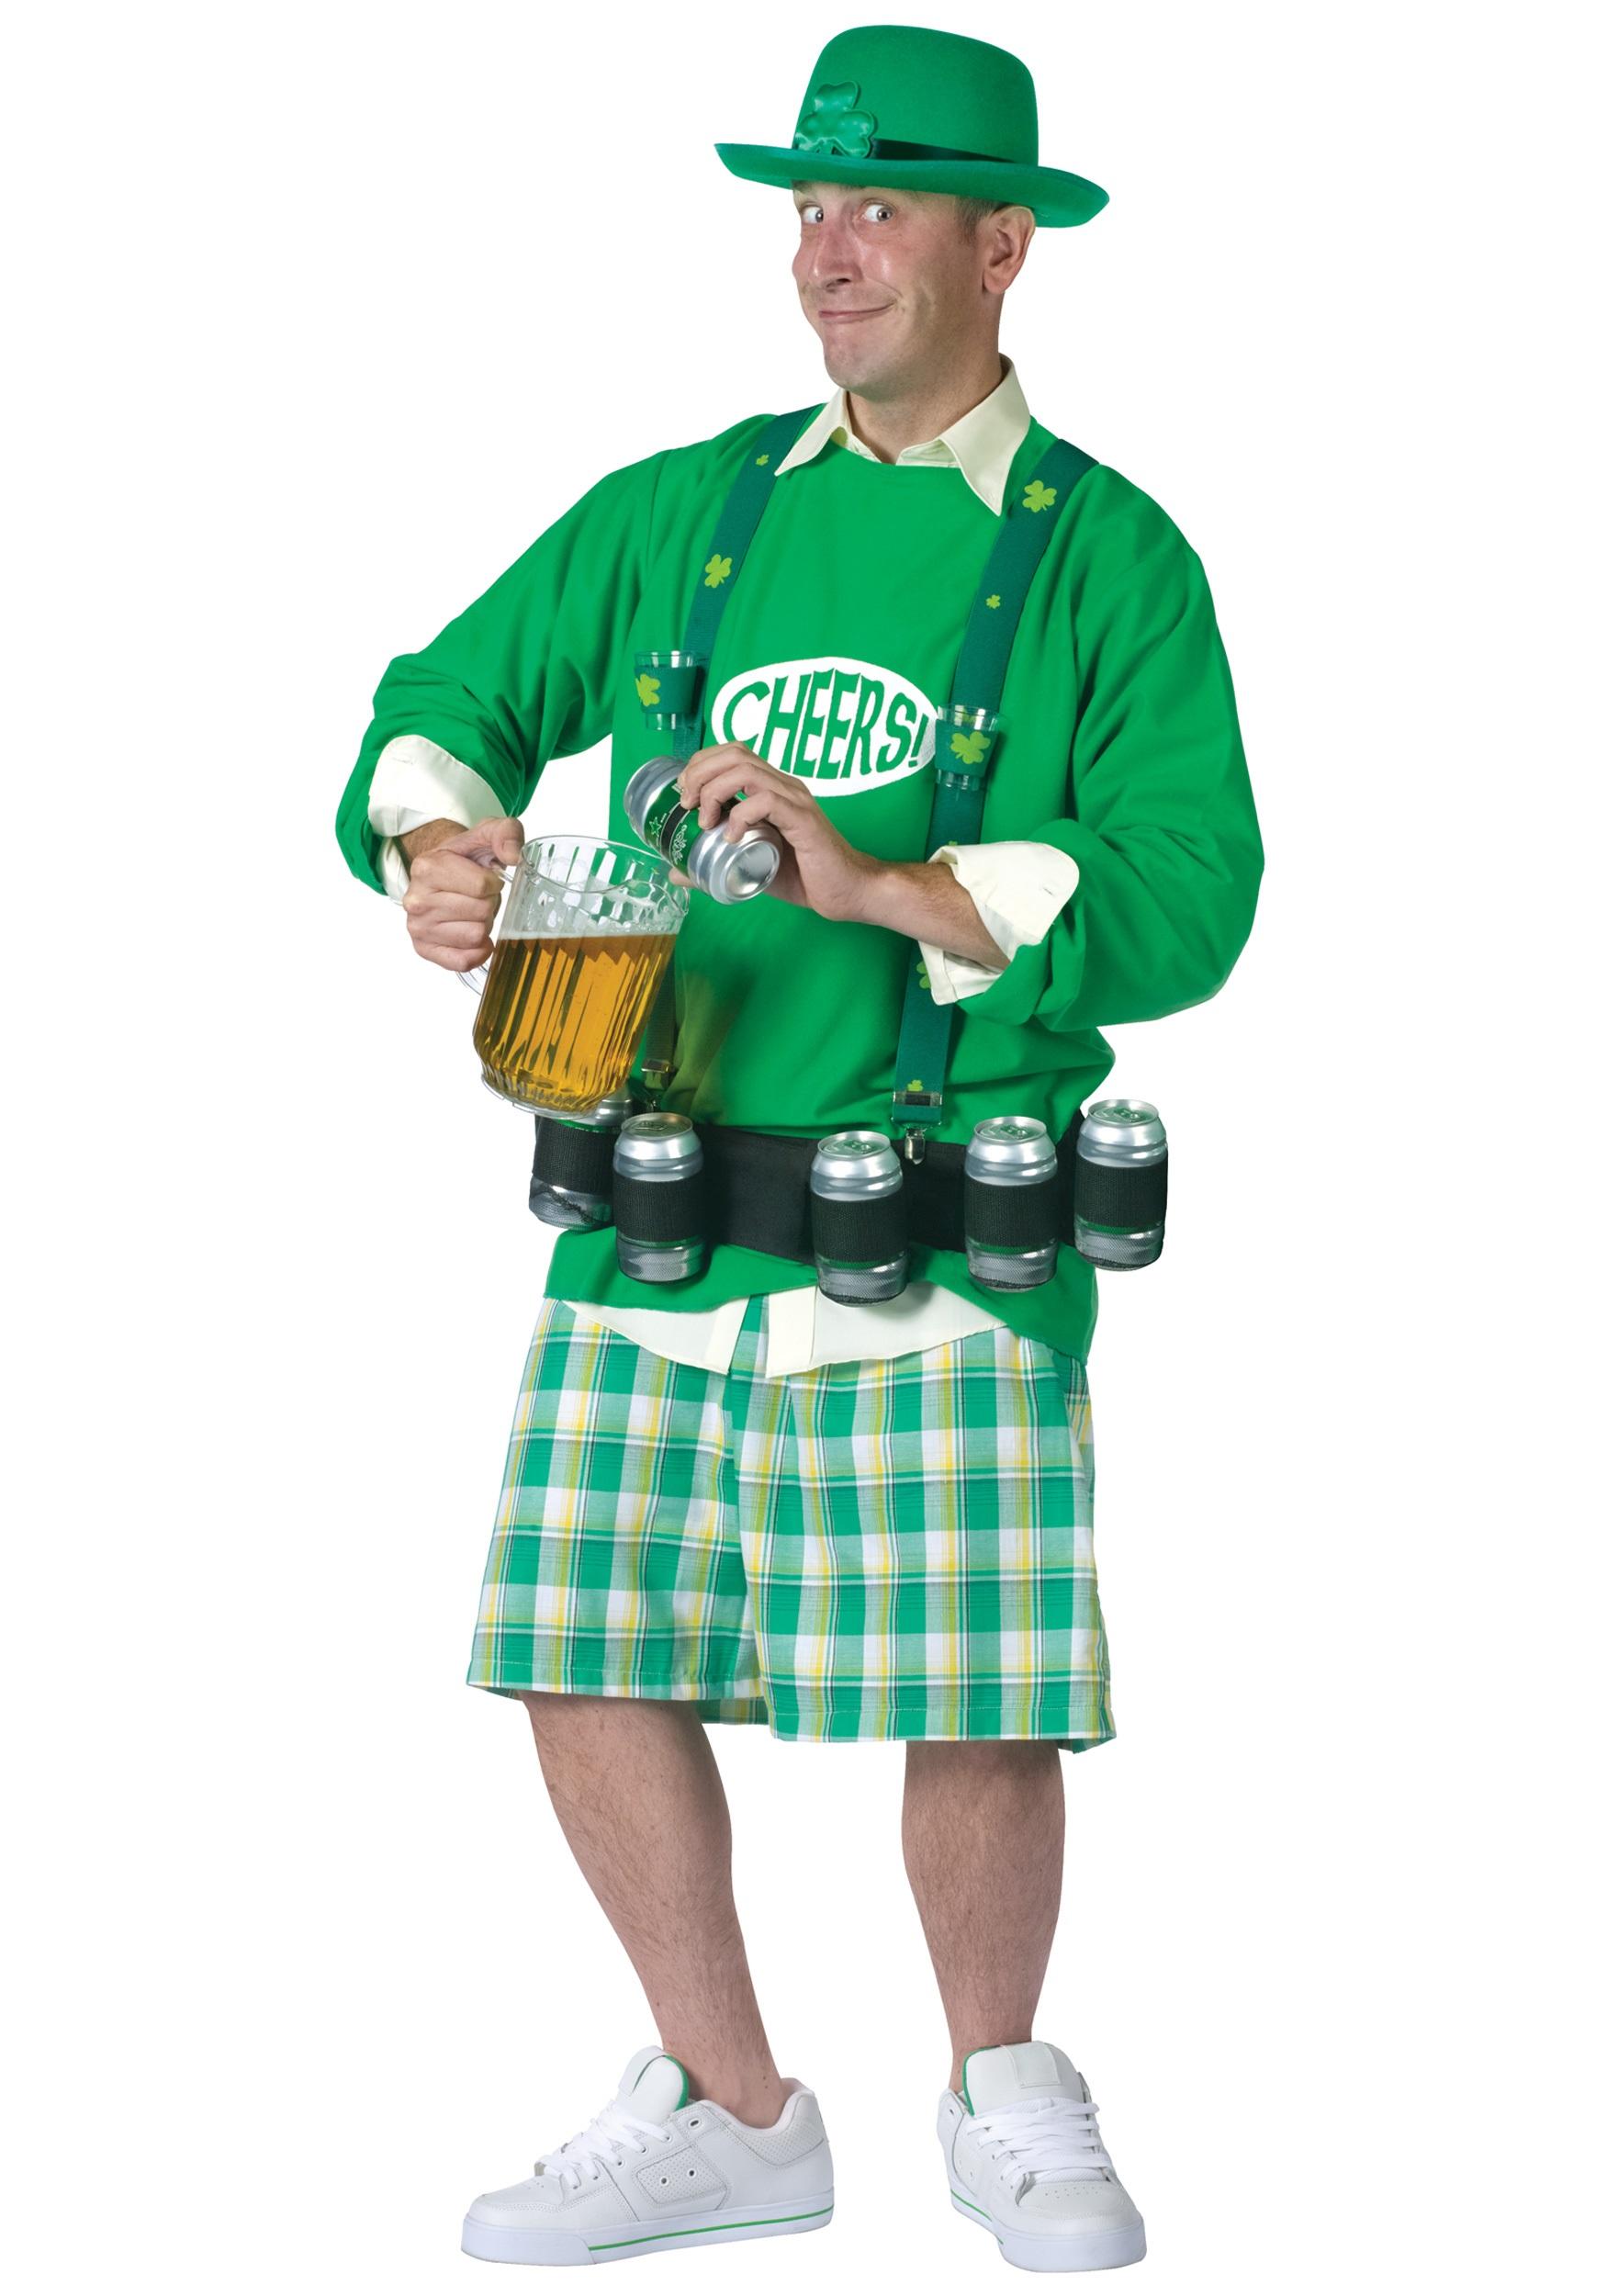 St. Patty's Day Cheers Costume